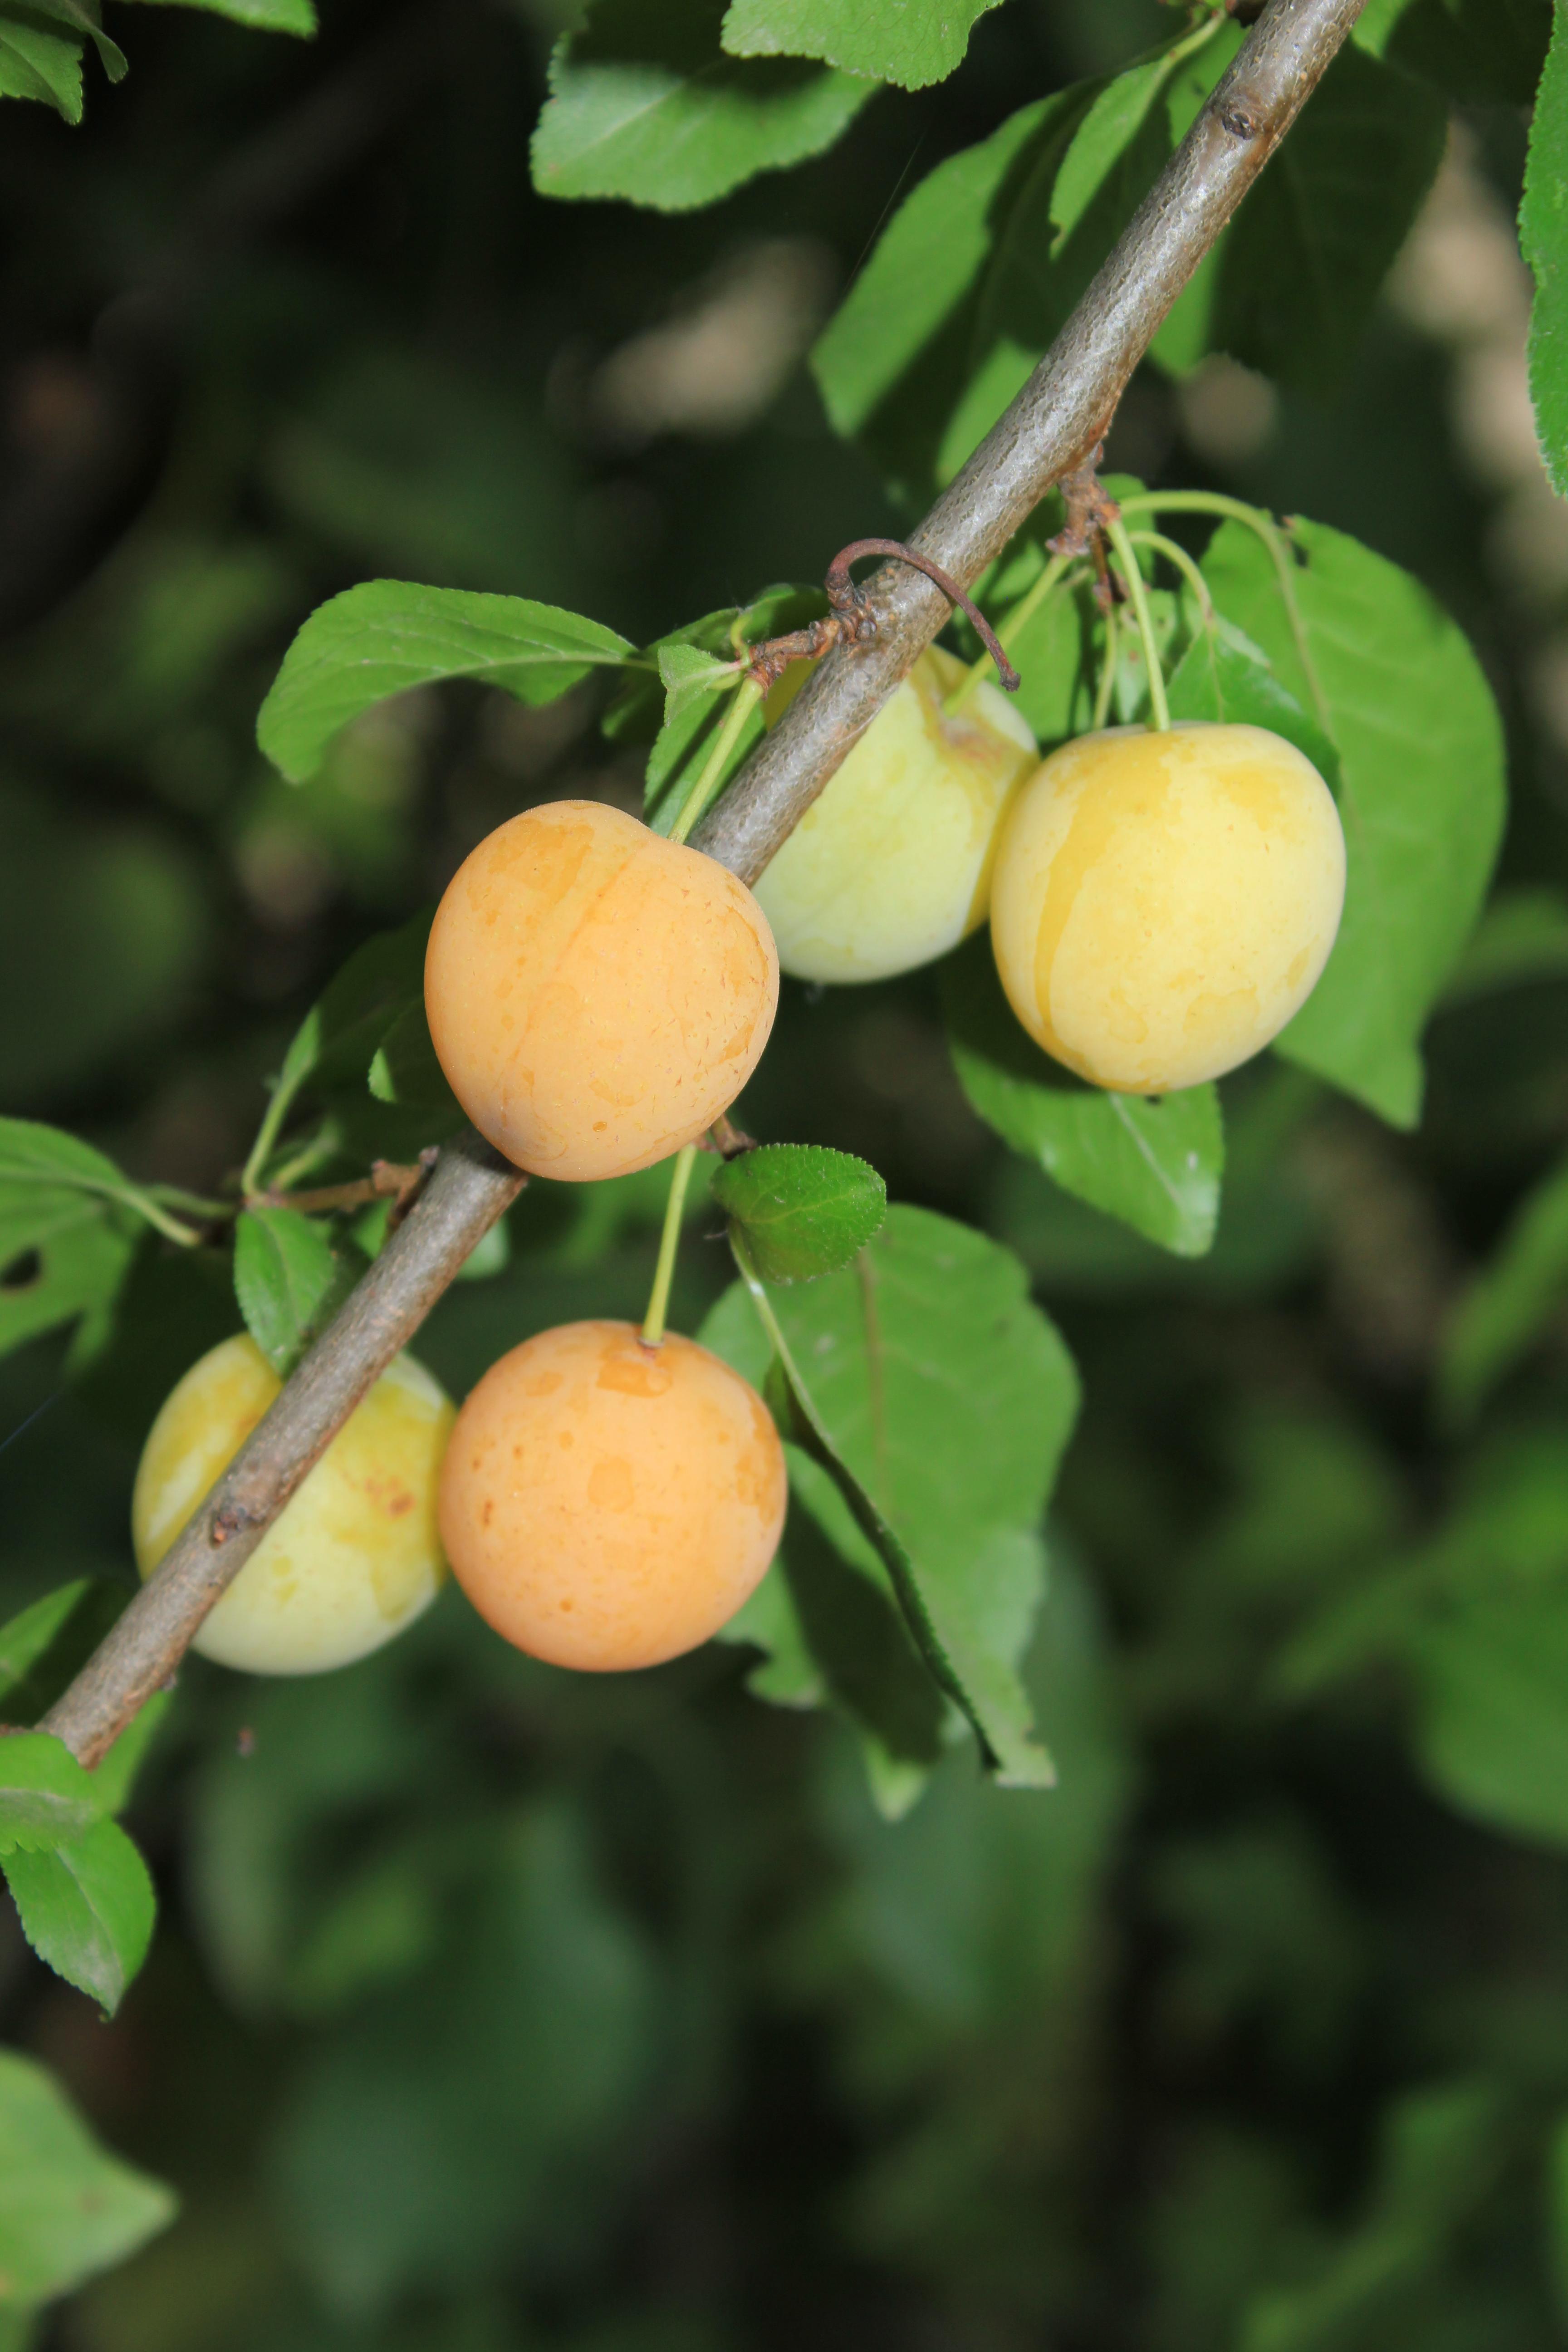 Дерево-фрукт алыча. виды алычи - зеленая, желтая, красная, дикая, колоновидная и крупноплодная